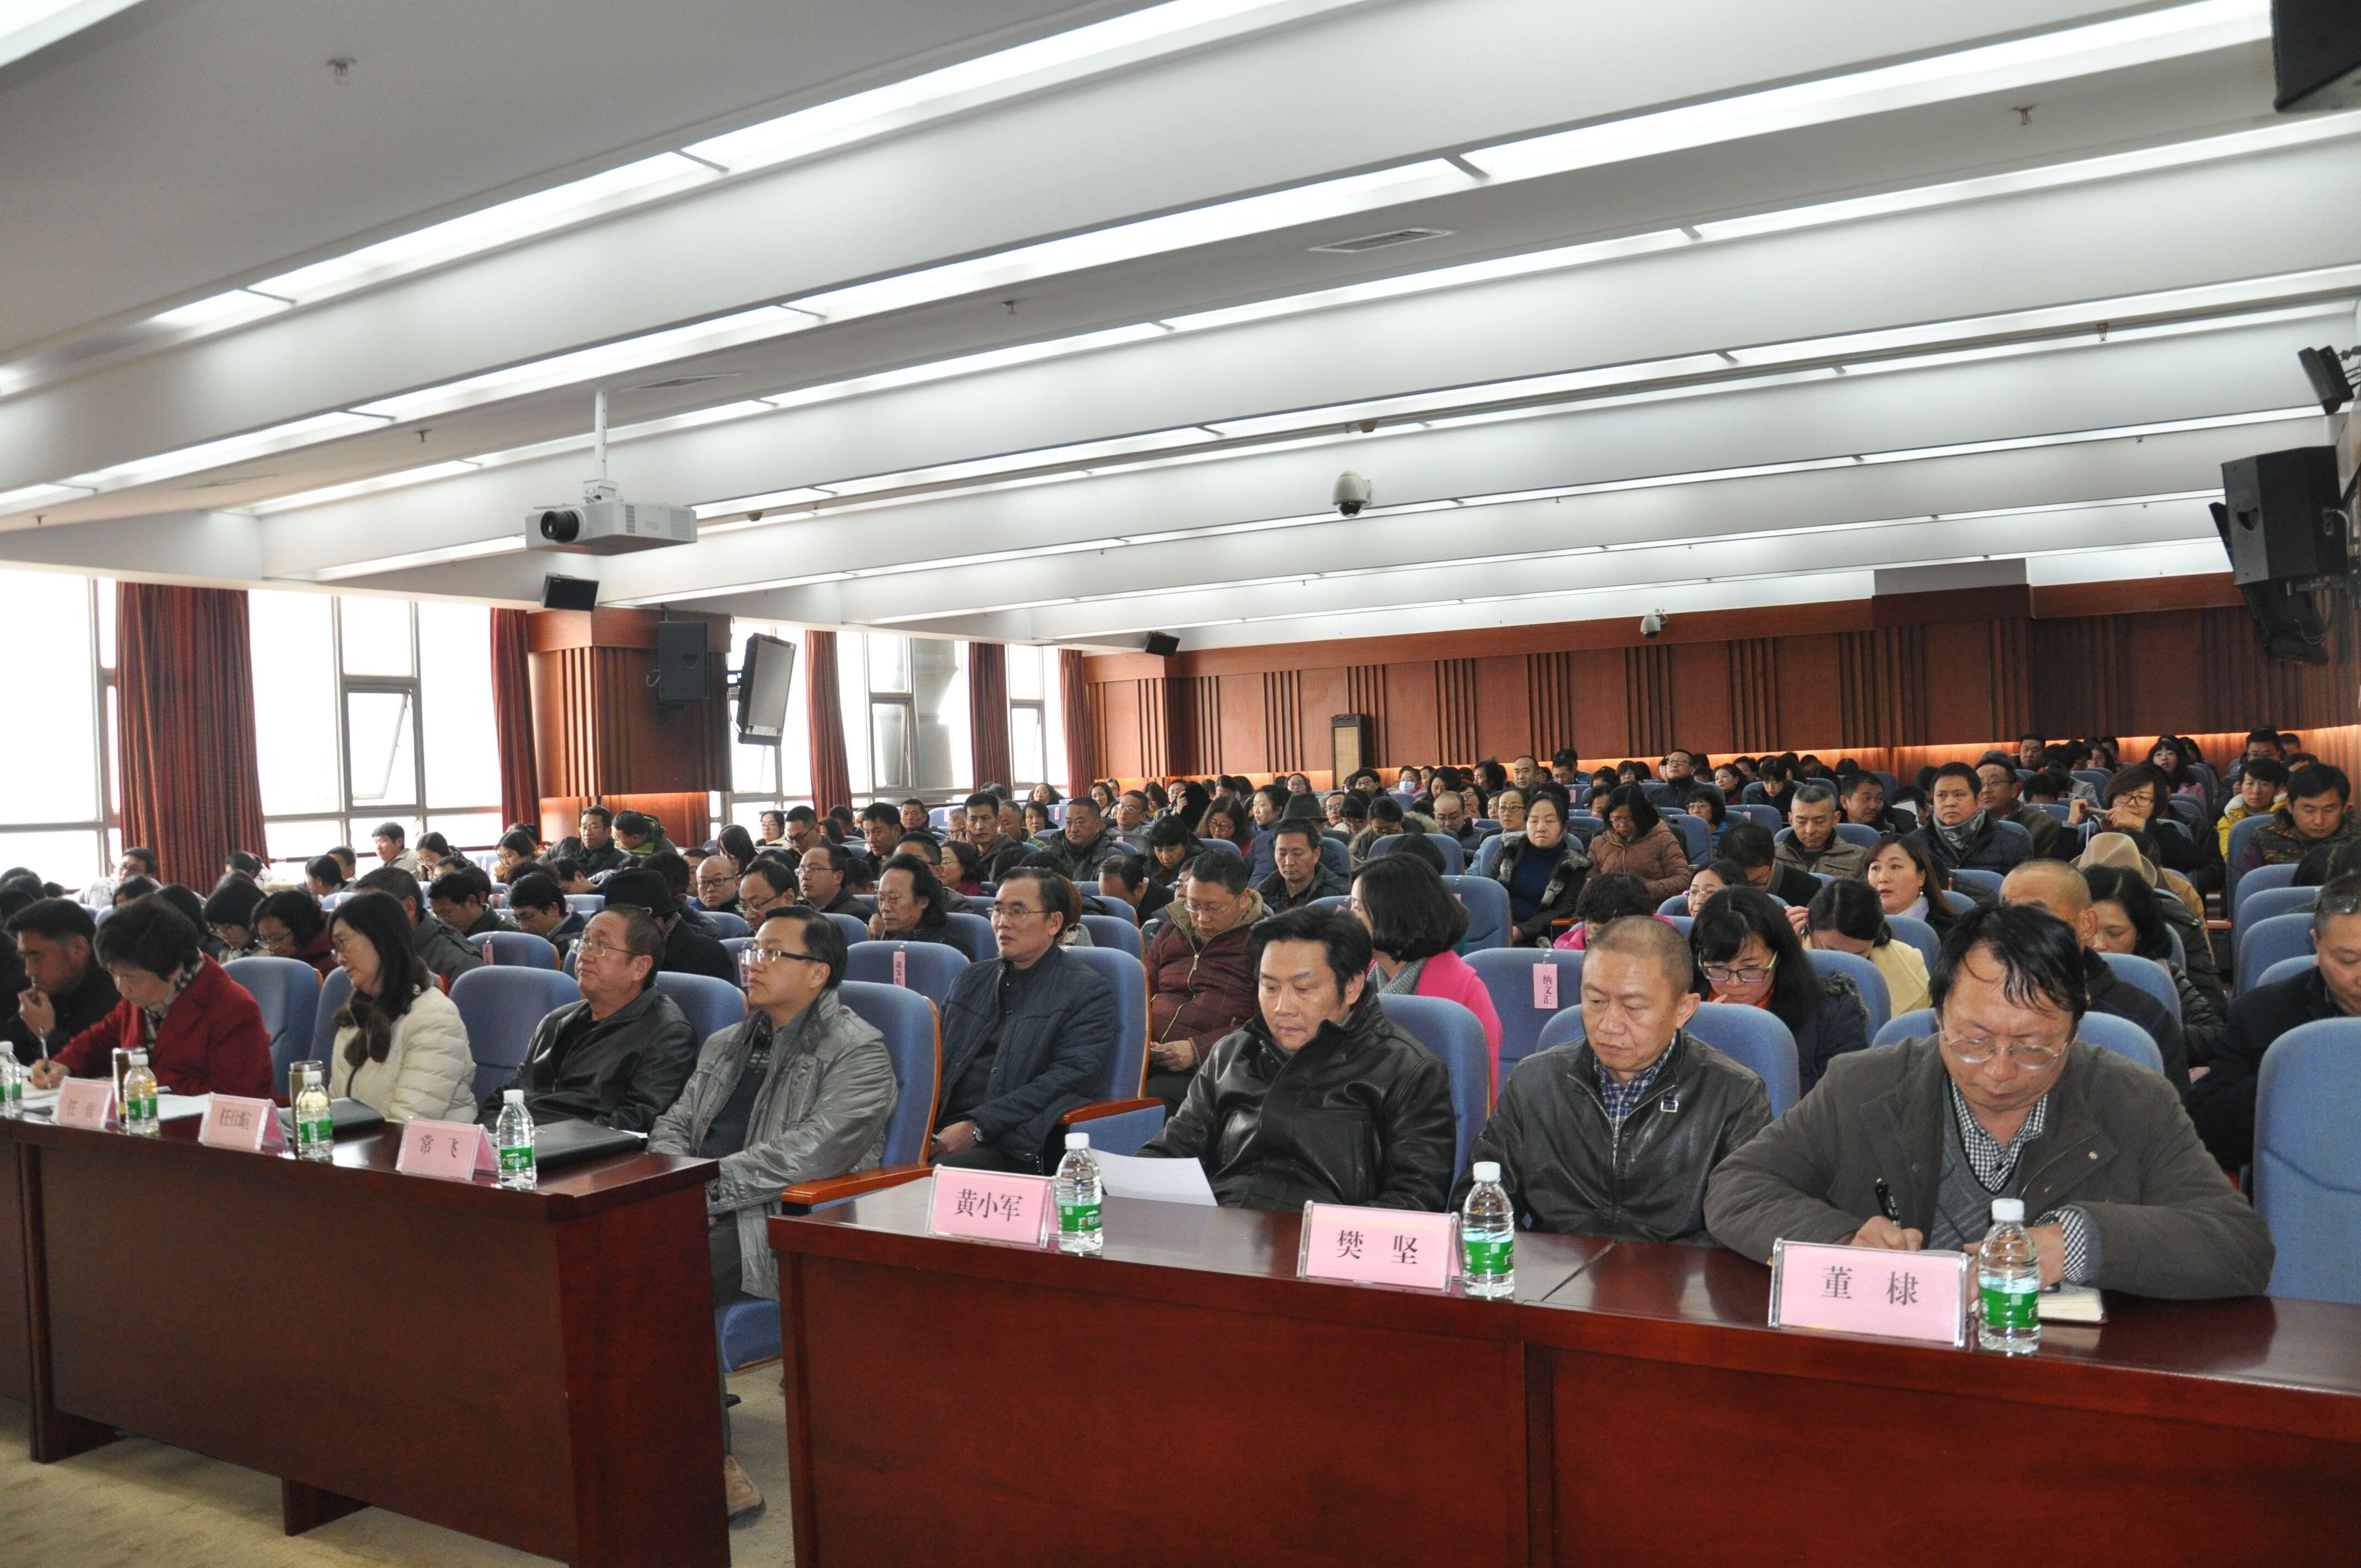 云南省社会科学院 中国(昆明)南亚东南亚研究院召开2017年院工作会议 安排部署全年工作